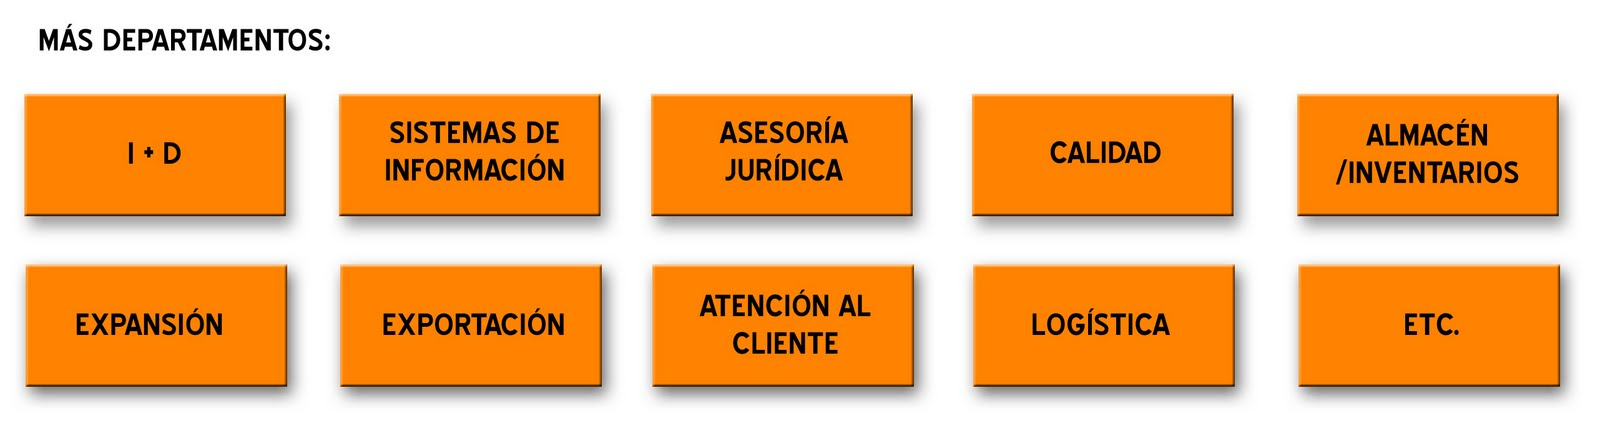 Organización Las Funciones De Cada Departamento En La